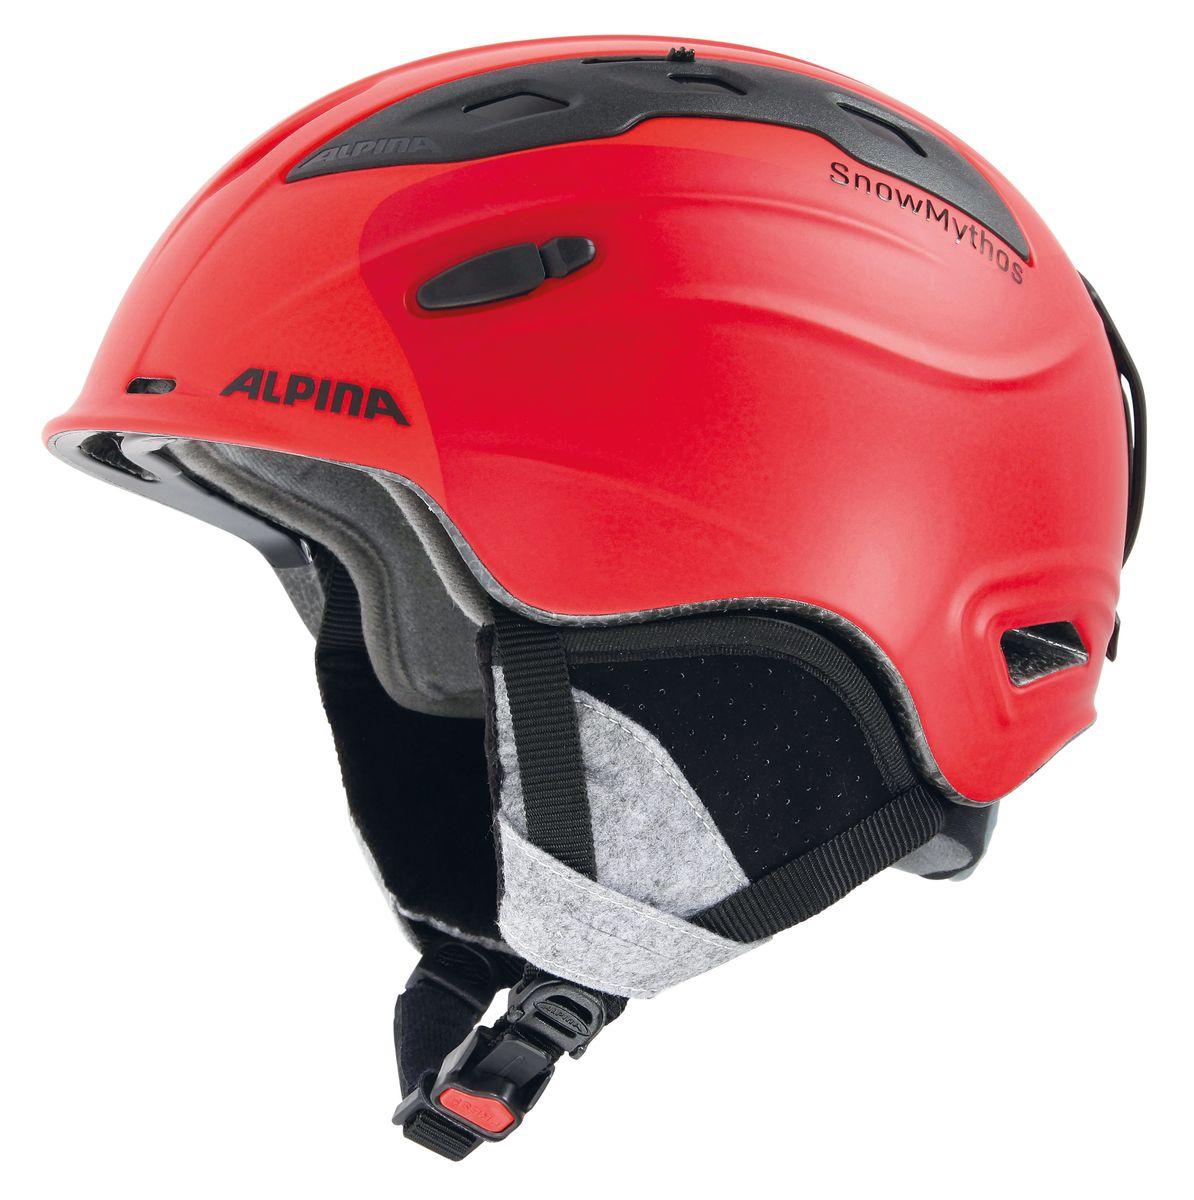 Шлем зимний Alpina Snowmythos, цвет: зеленый. Размер 55-590003954Экстремально легкая модель шлема Alpina Snowmythos с прекрасными защитными свойствами. Для тех, ищет недорогую модель с клеймом «Сделано в Германии».Технологии: INMOLD TEC - технология соединения внутренней и внешней части шлема при помощи высокой температуры. Данный метод делает соединение исключительно прочным, а сам шлем легким. Такой метод соединения гораздо надежнее и безопаснее обычного склеивания.CERAMIC - особая технология производства внешней оболочки шлема. Используются легковесные материалы экстремально прочные и устойчивые к царапинам. Возможно использование при сильном УФ изучении, так же поверхность имеет антистатическое покрытие.RUN SYSTEM - простая система настройки шлема, позволяющая добиться надежной фиксации.AIRSTREAM CONTROL - регулируемые воздушные клапана для полного контроля внутренней вентиляции.REMOVABLE EARPADS - съемные амбушюры добавляют чувства свободы во время катания в теплую погоду, не в ущерб безопасности. При падении температуры, амбушюры легко устанавливаются обратно на шлем. CHANGEABLE INTERIOR - съемная внутренняя часть. Допускается стирка в теплой мыльной воде.NECKWARMER - дополнительное утепление шеи. Изготовлено из мягкого флиса. 3D FIT - ремень, позволяющий регулироваться затылочную часть шлема. Пять позиций позволят настроить идеальную посадку.